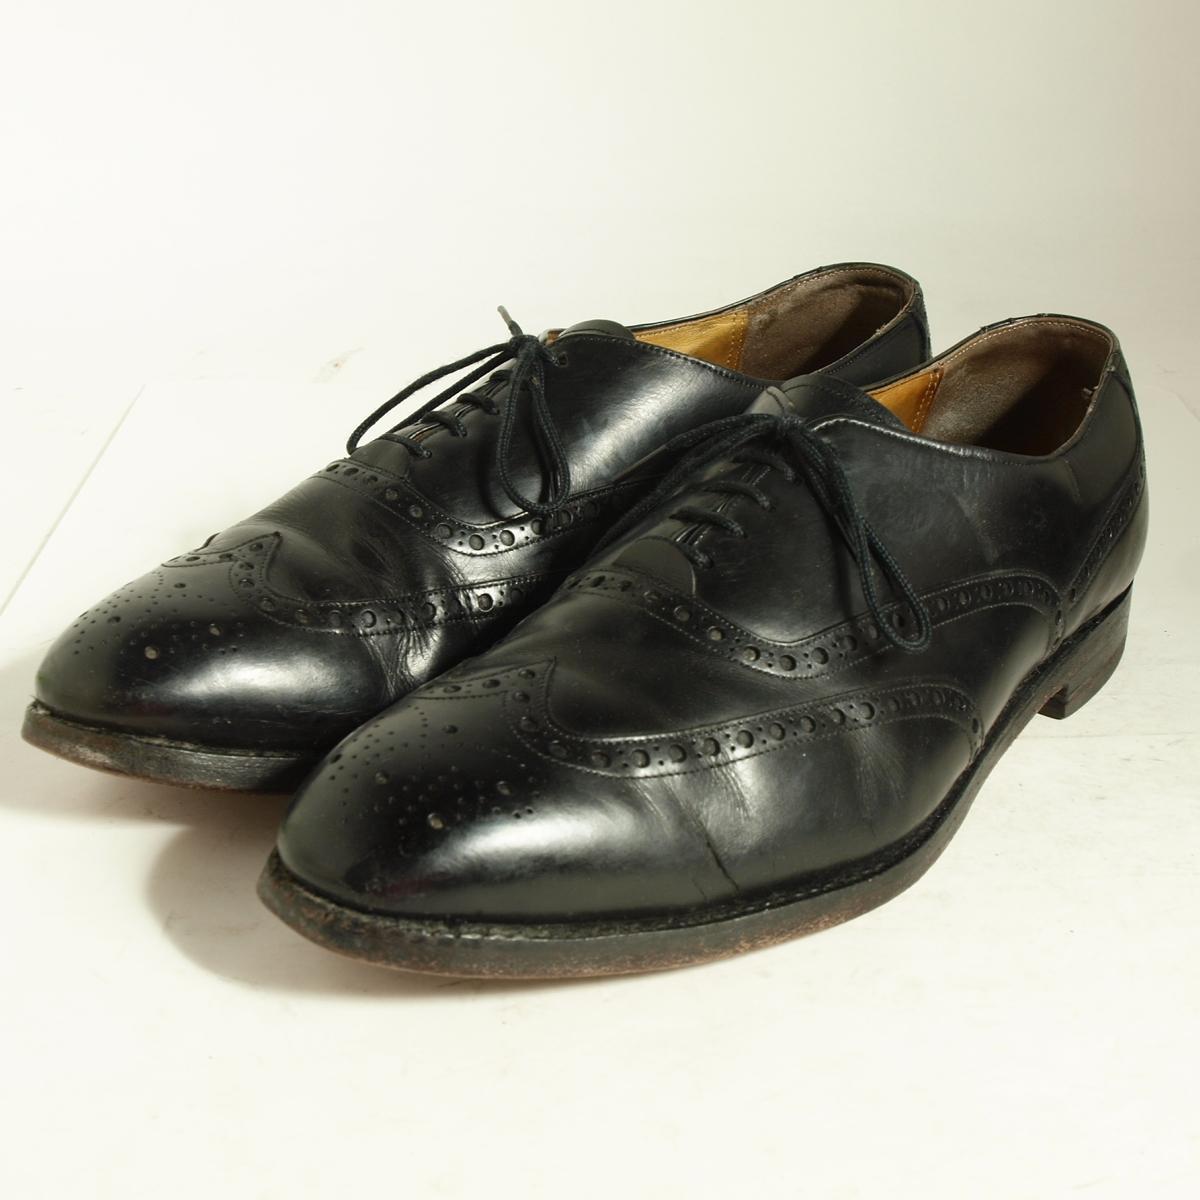 约翰斯顿和墨菲 ARISTOCRAFT 阿里斯托工艺美国翼尖鞋 28.5 厘米 10.5 D B 男装约翰斯顿墨菲 /boj4183 160730